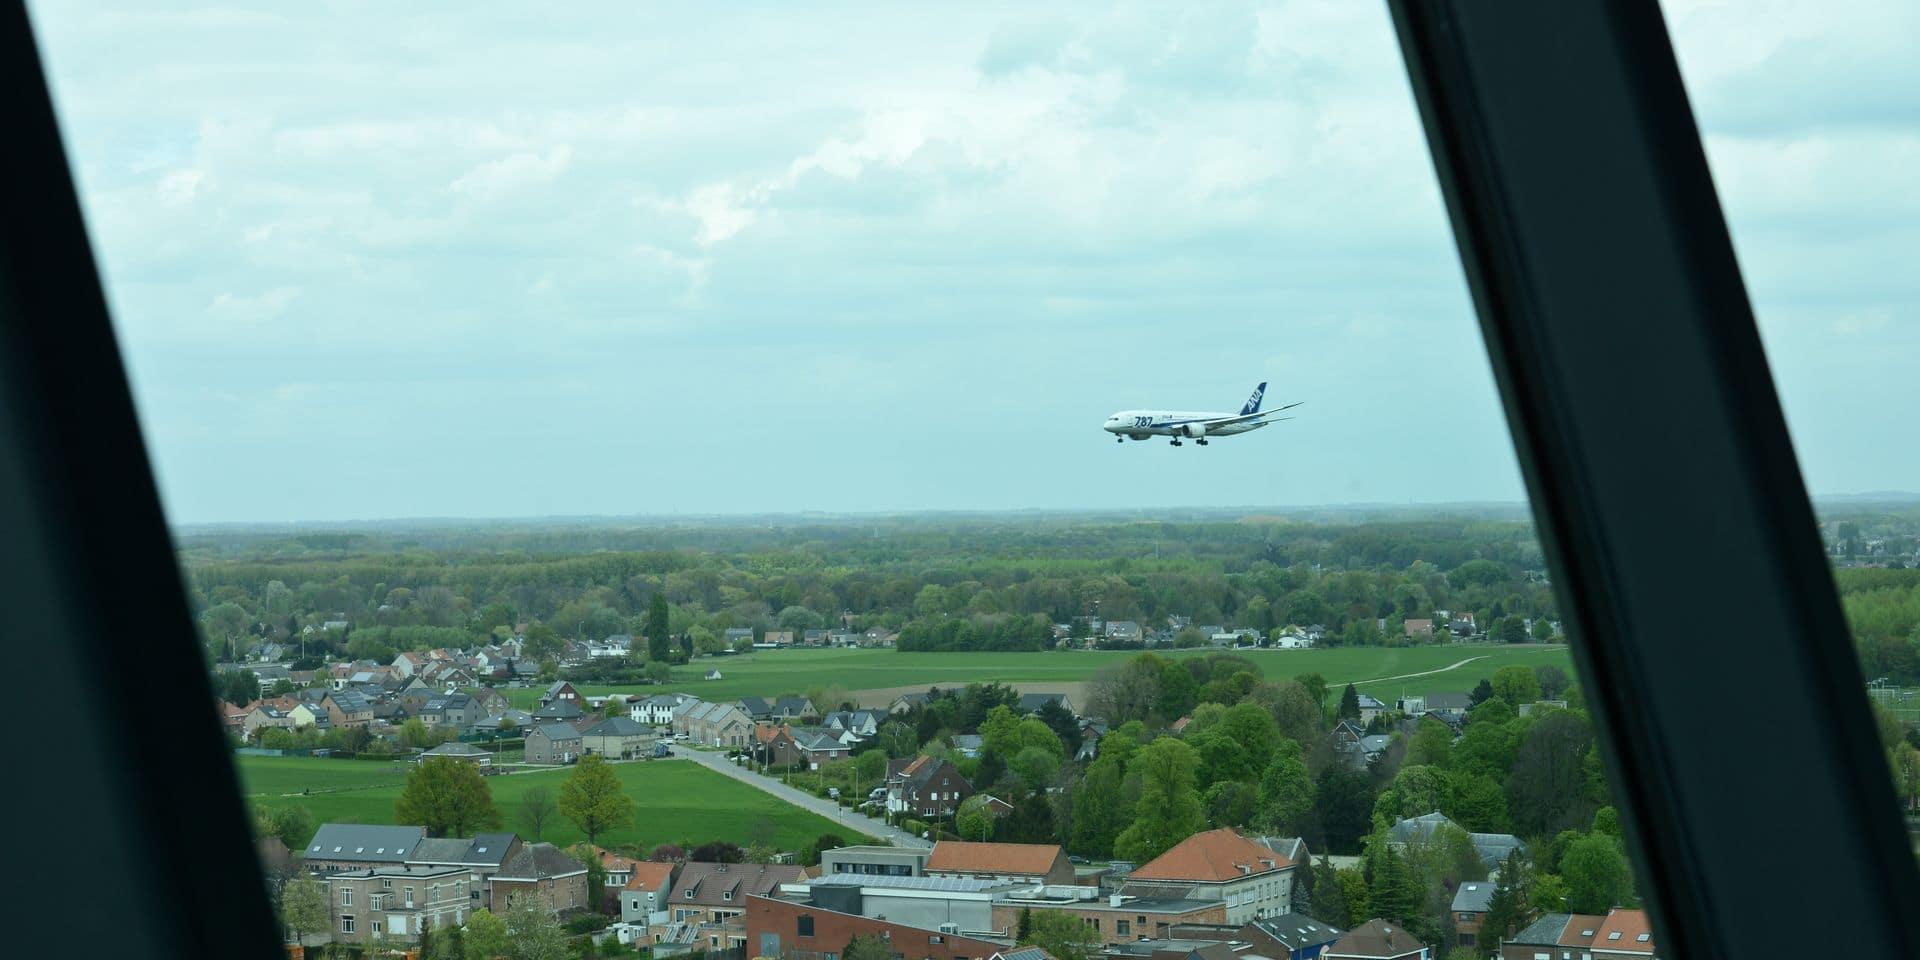 Les aéroports de Liège et Charleroi bientôt à la pointe avec cette technologie d'avenir